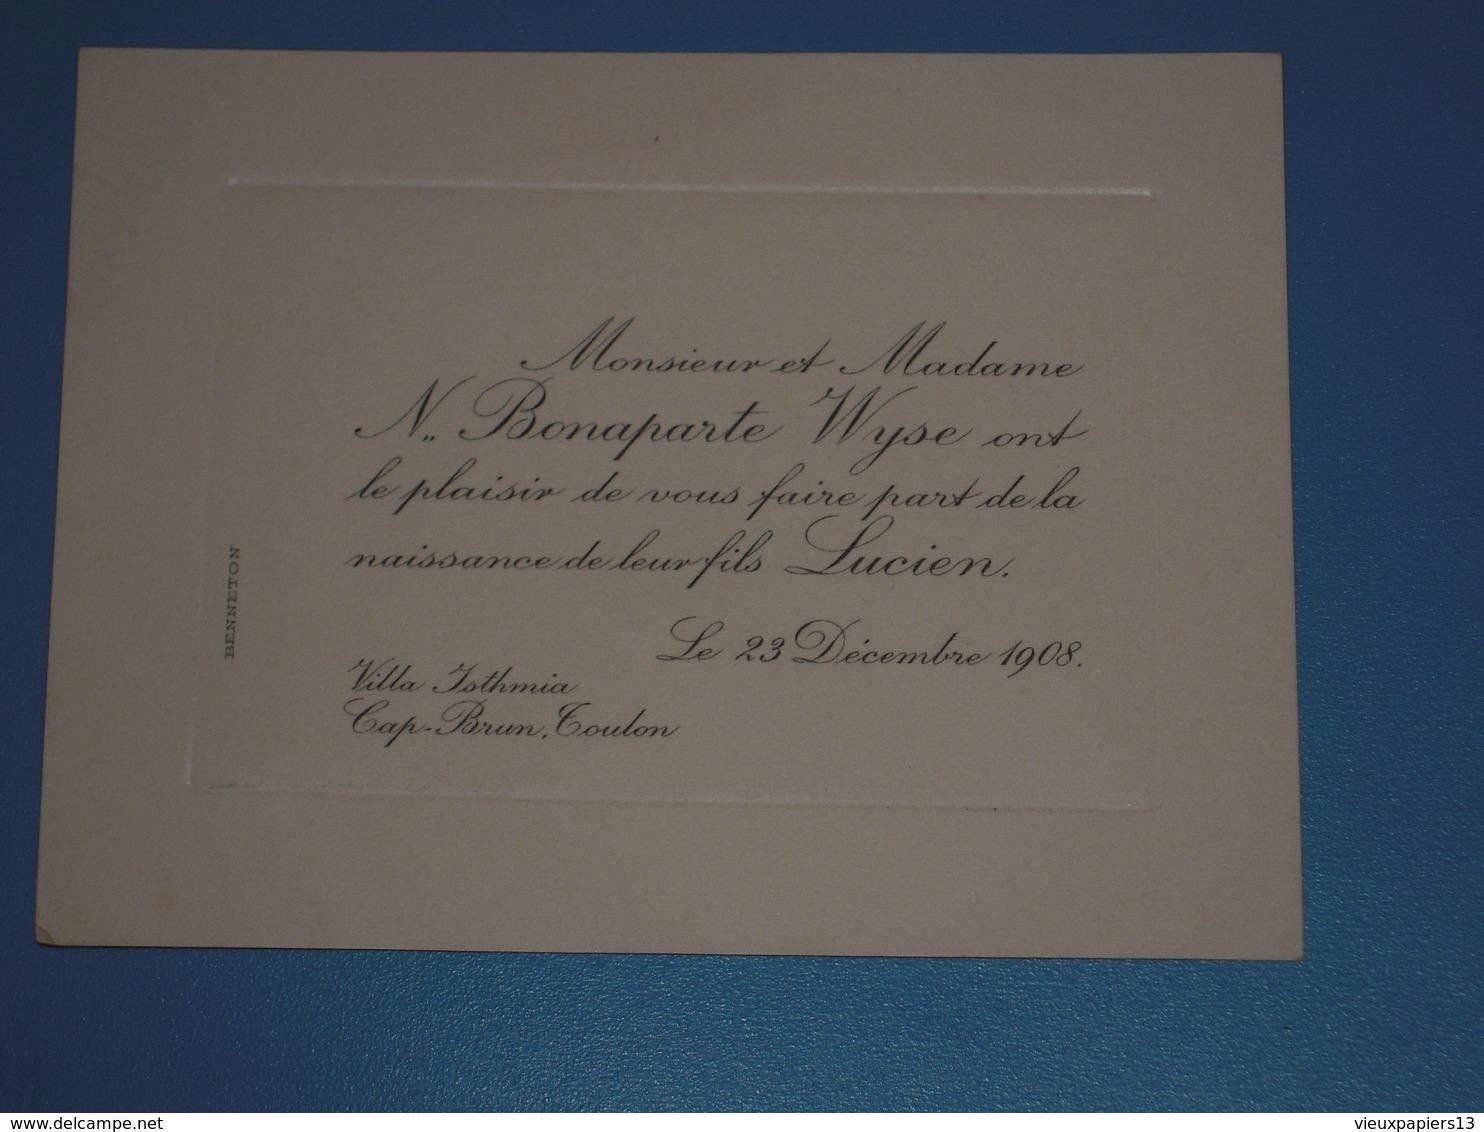 Faire Part De Naissance Napoléon. BONAPARTE WYSE Lucien 23 Décembre 1908 Villa Isthmia Cap Brun Toulon - Benneton - Naissance & Baptême